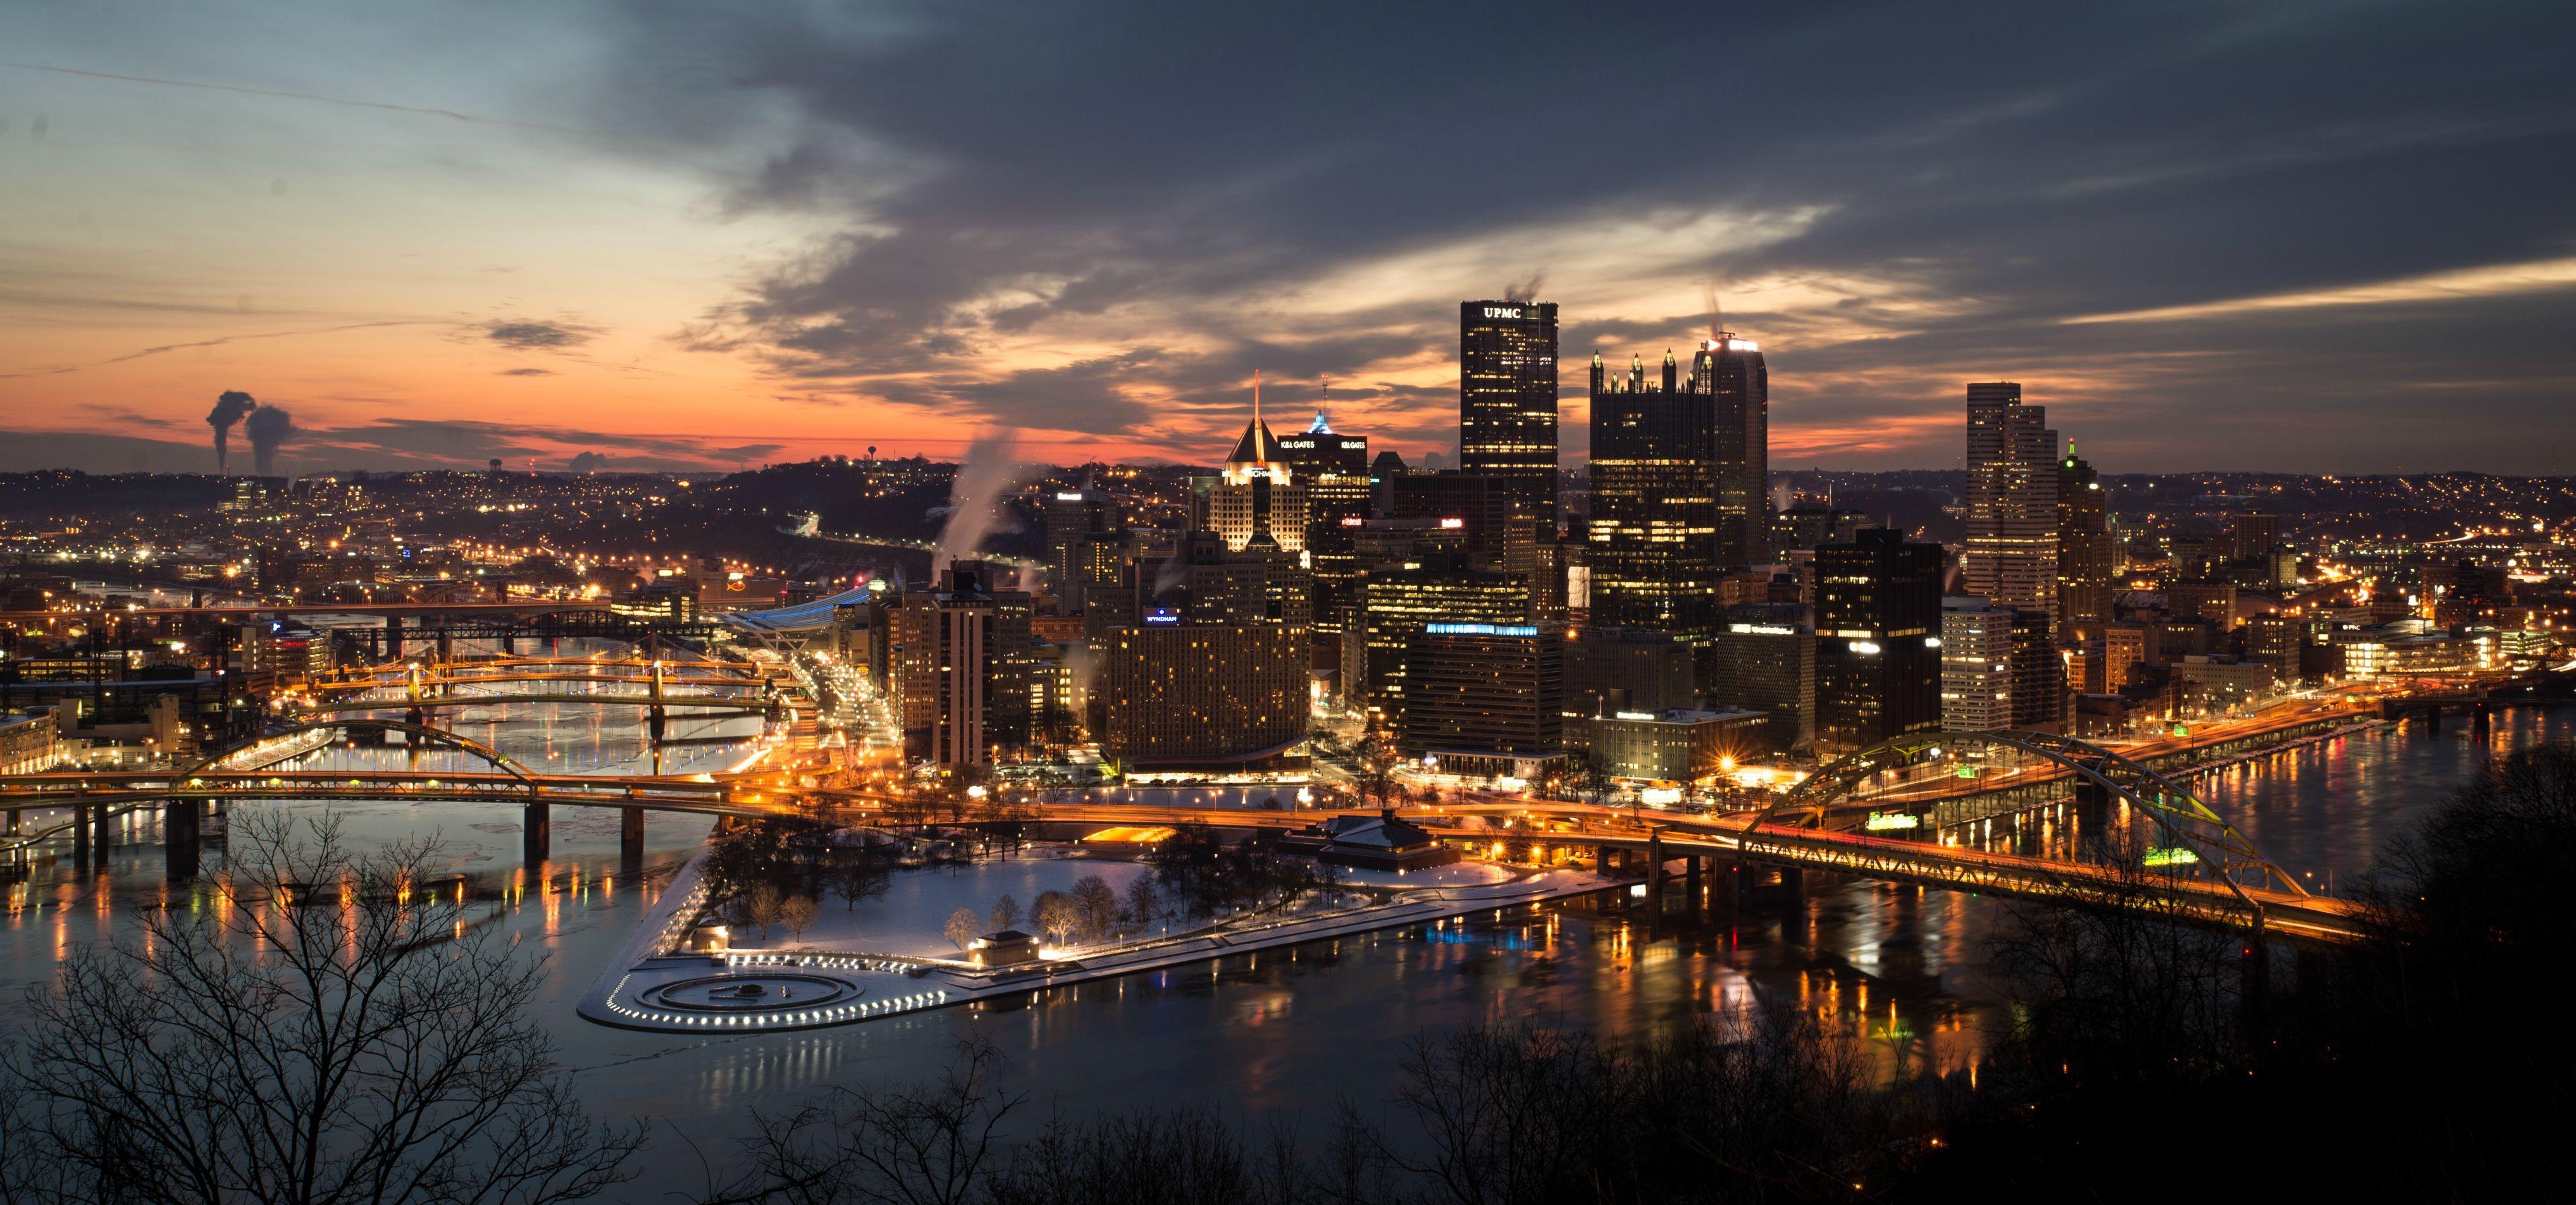 Pittsburgh Desktop Wallpaper Skyline: Pgh Riverhounds Wallpaper - Google Search